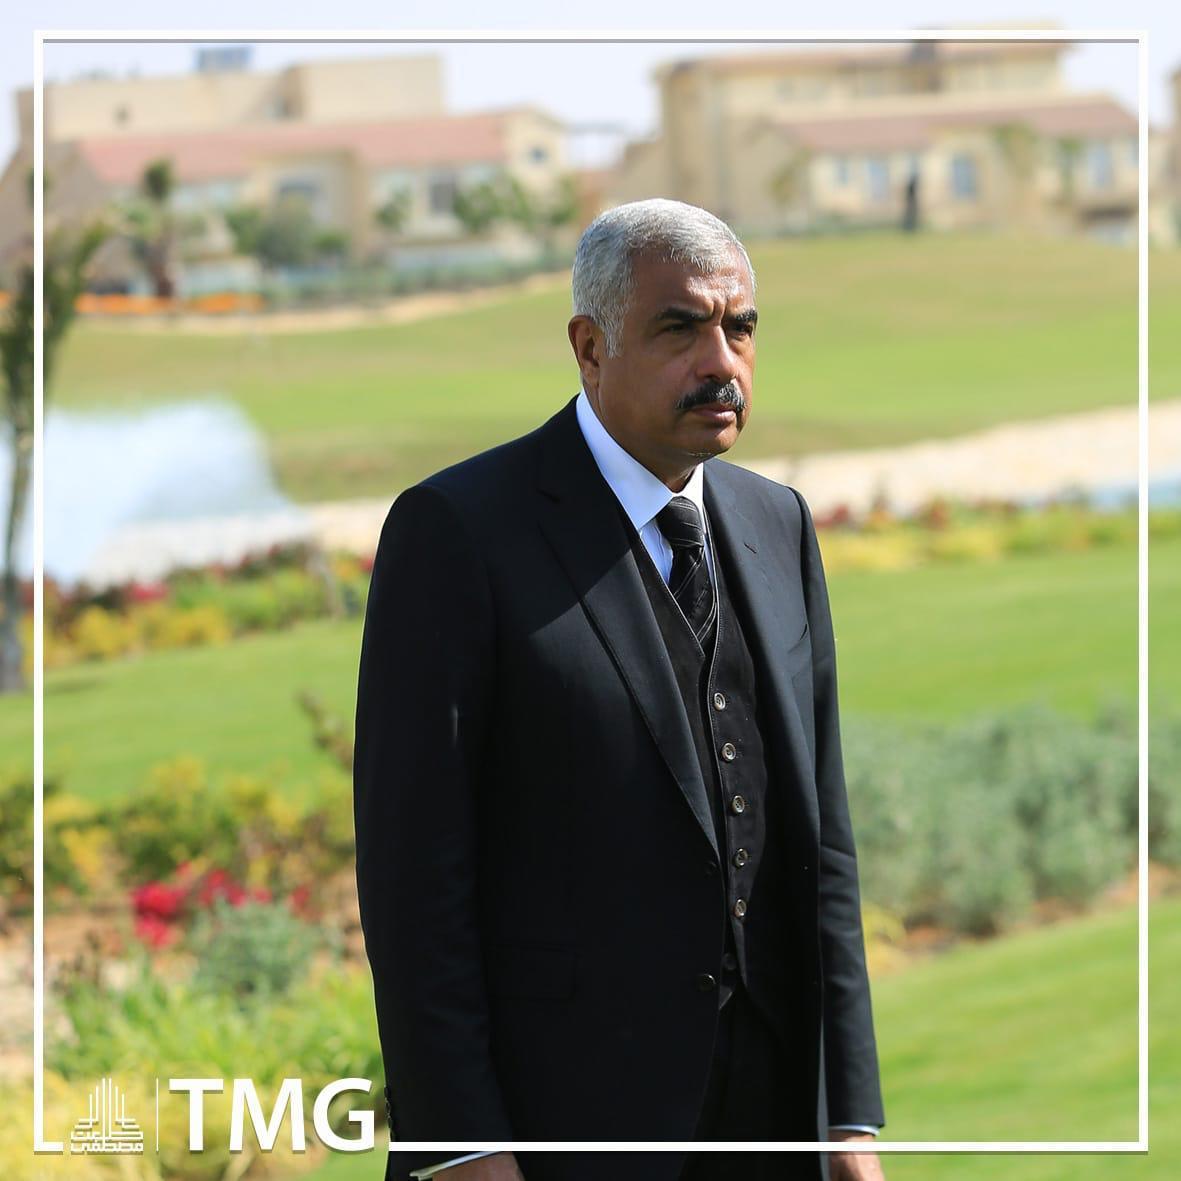 هشام-طلعت-مصطفى